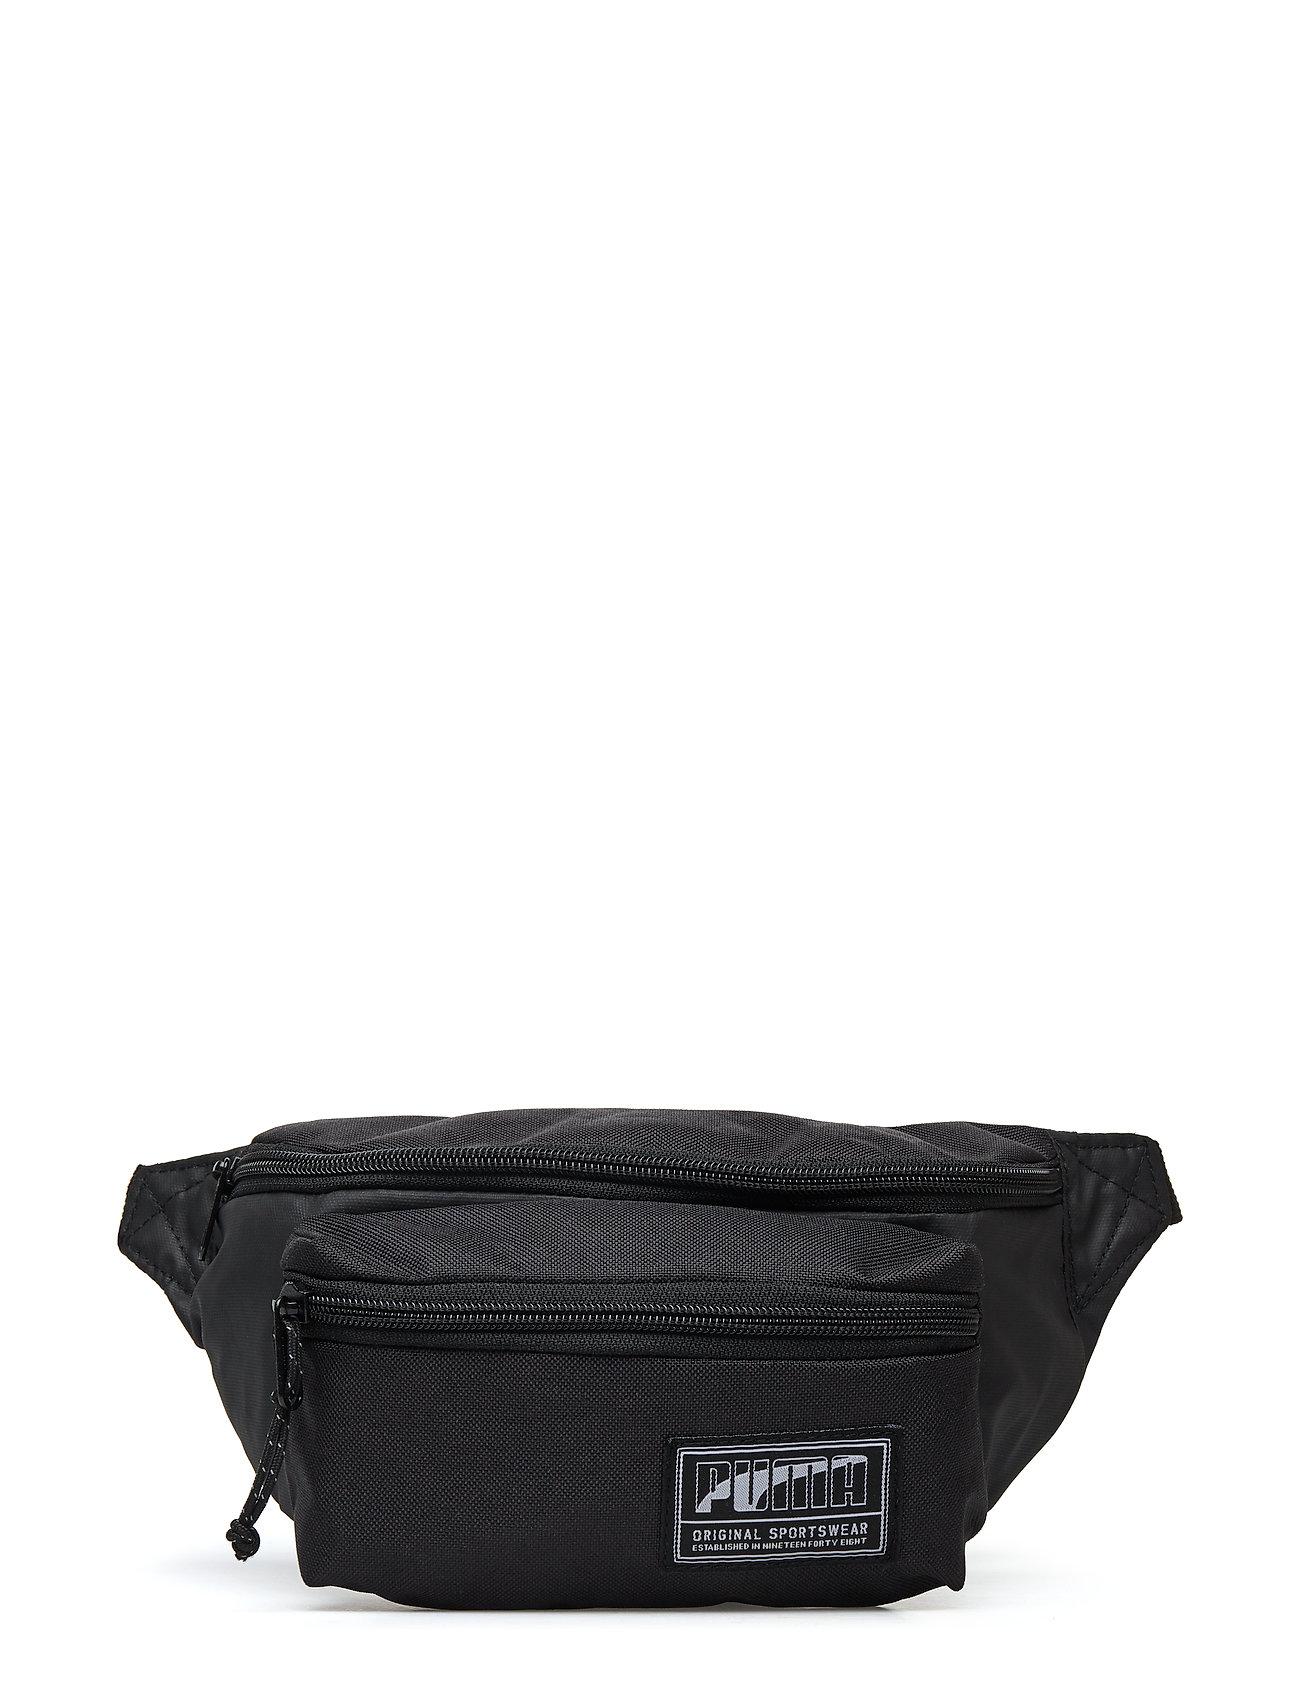 e1cf2049e8 Puma Academy Waist Bag (Puma Black) (£19) - PUMA -